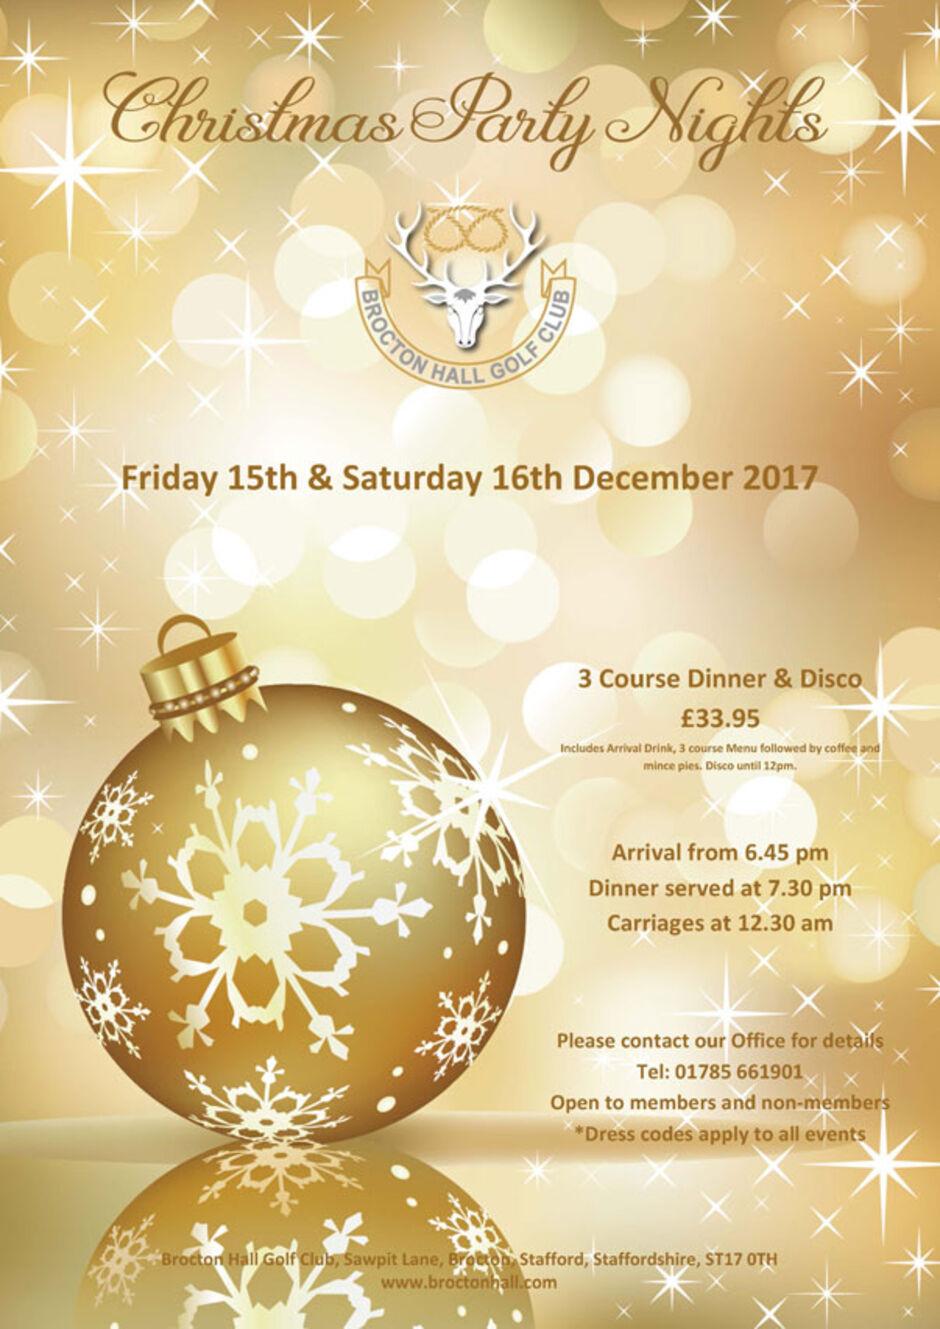 Christmas at Brocton :: Brocton Hall Golf Club